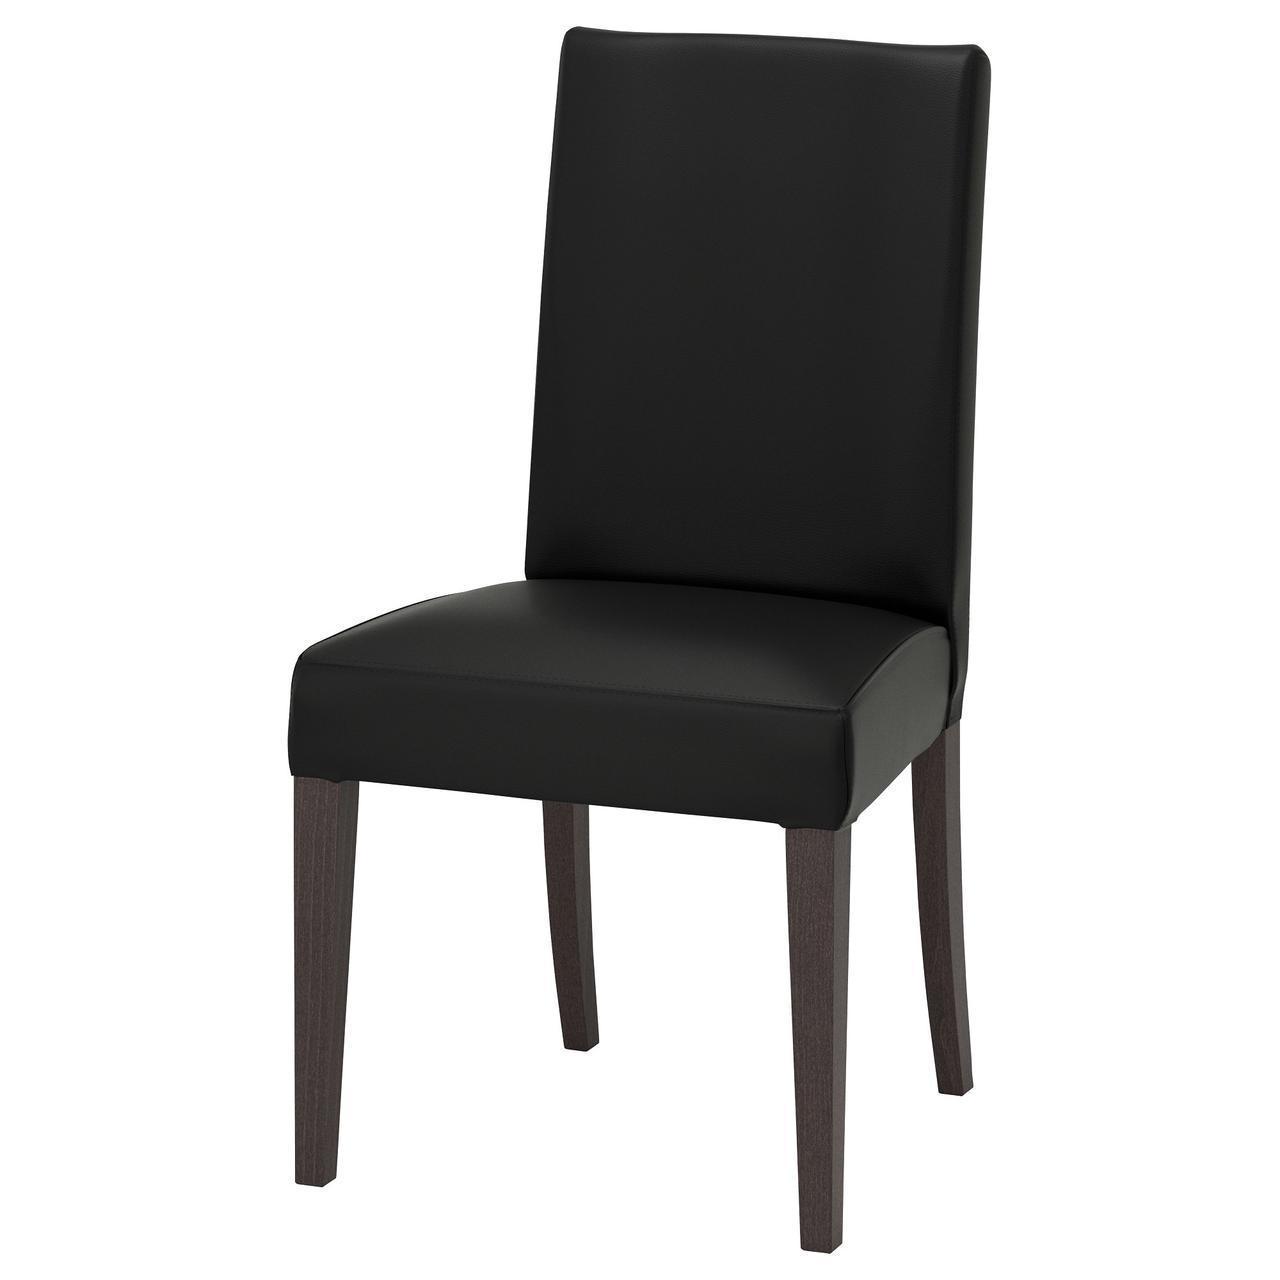 Кресло кухонное IKEA HENRIKSDAL Glose темно-коричневое черное 003.809.48